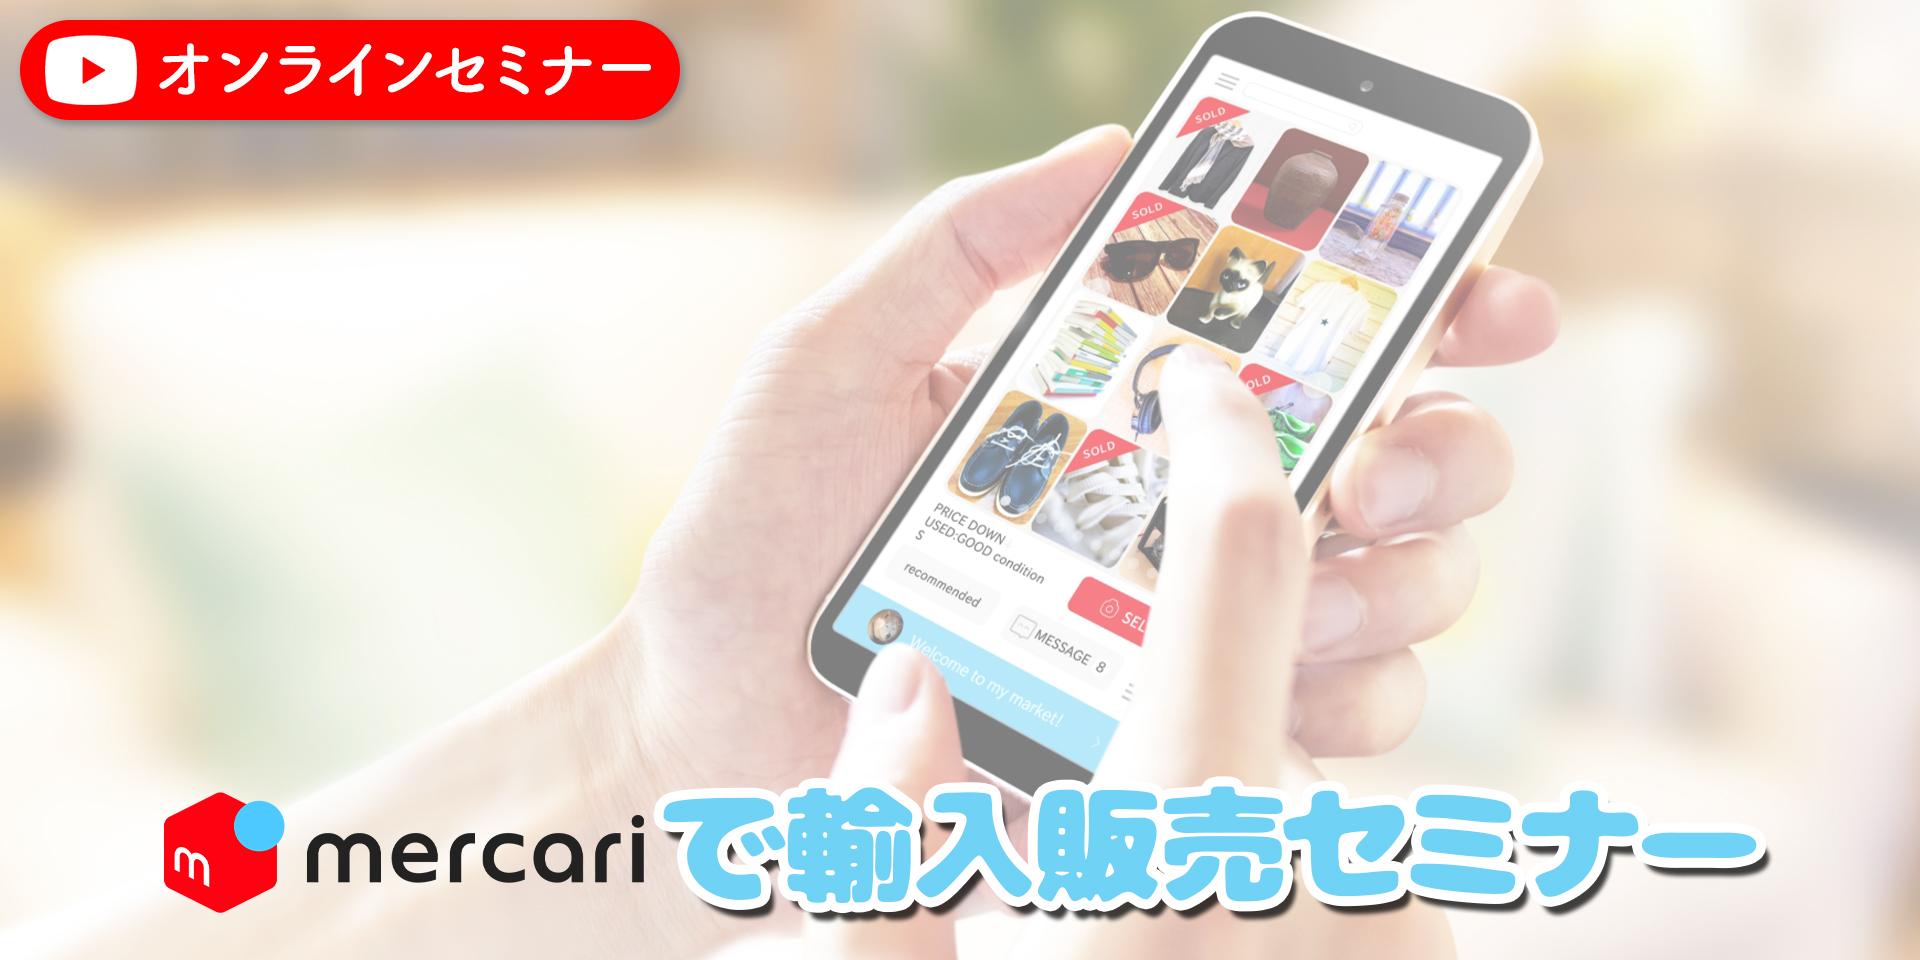 桐生のメルカリ2オンライン